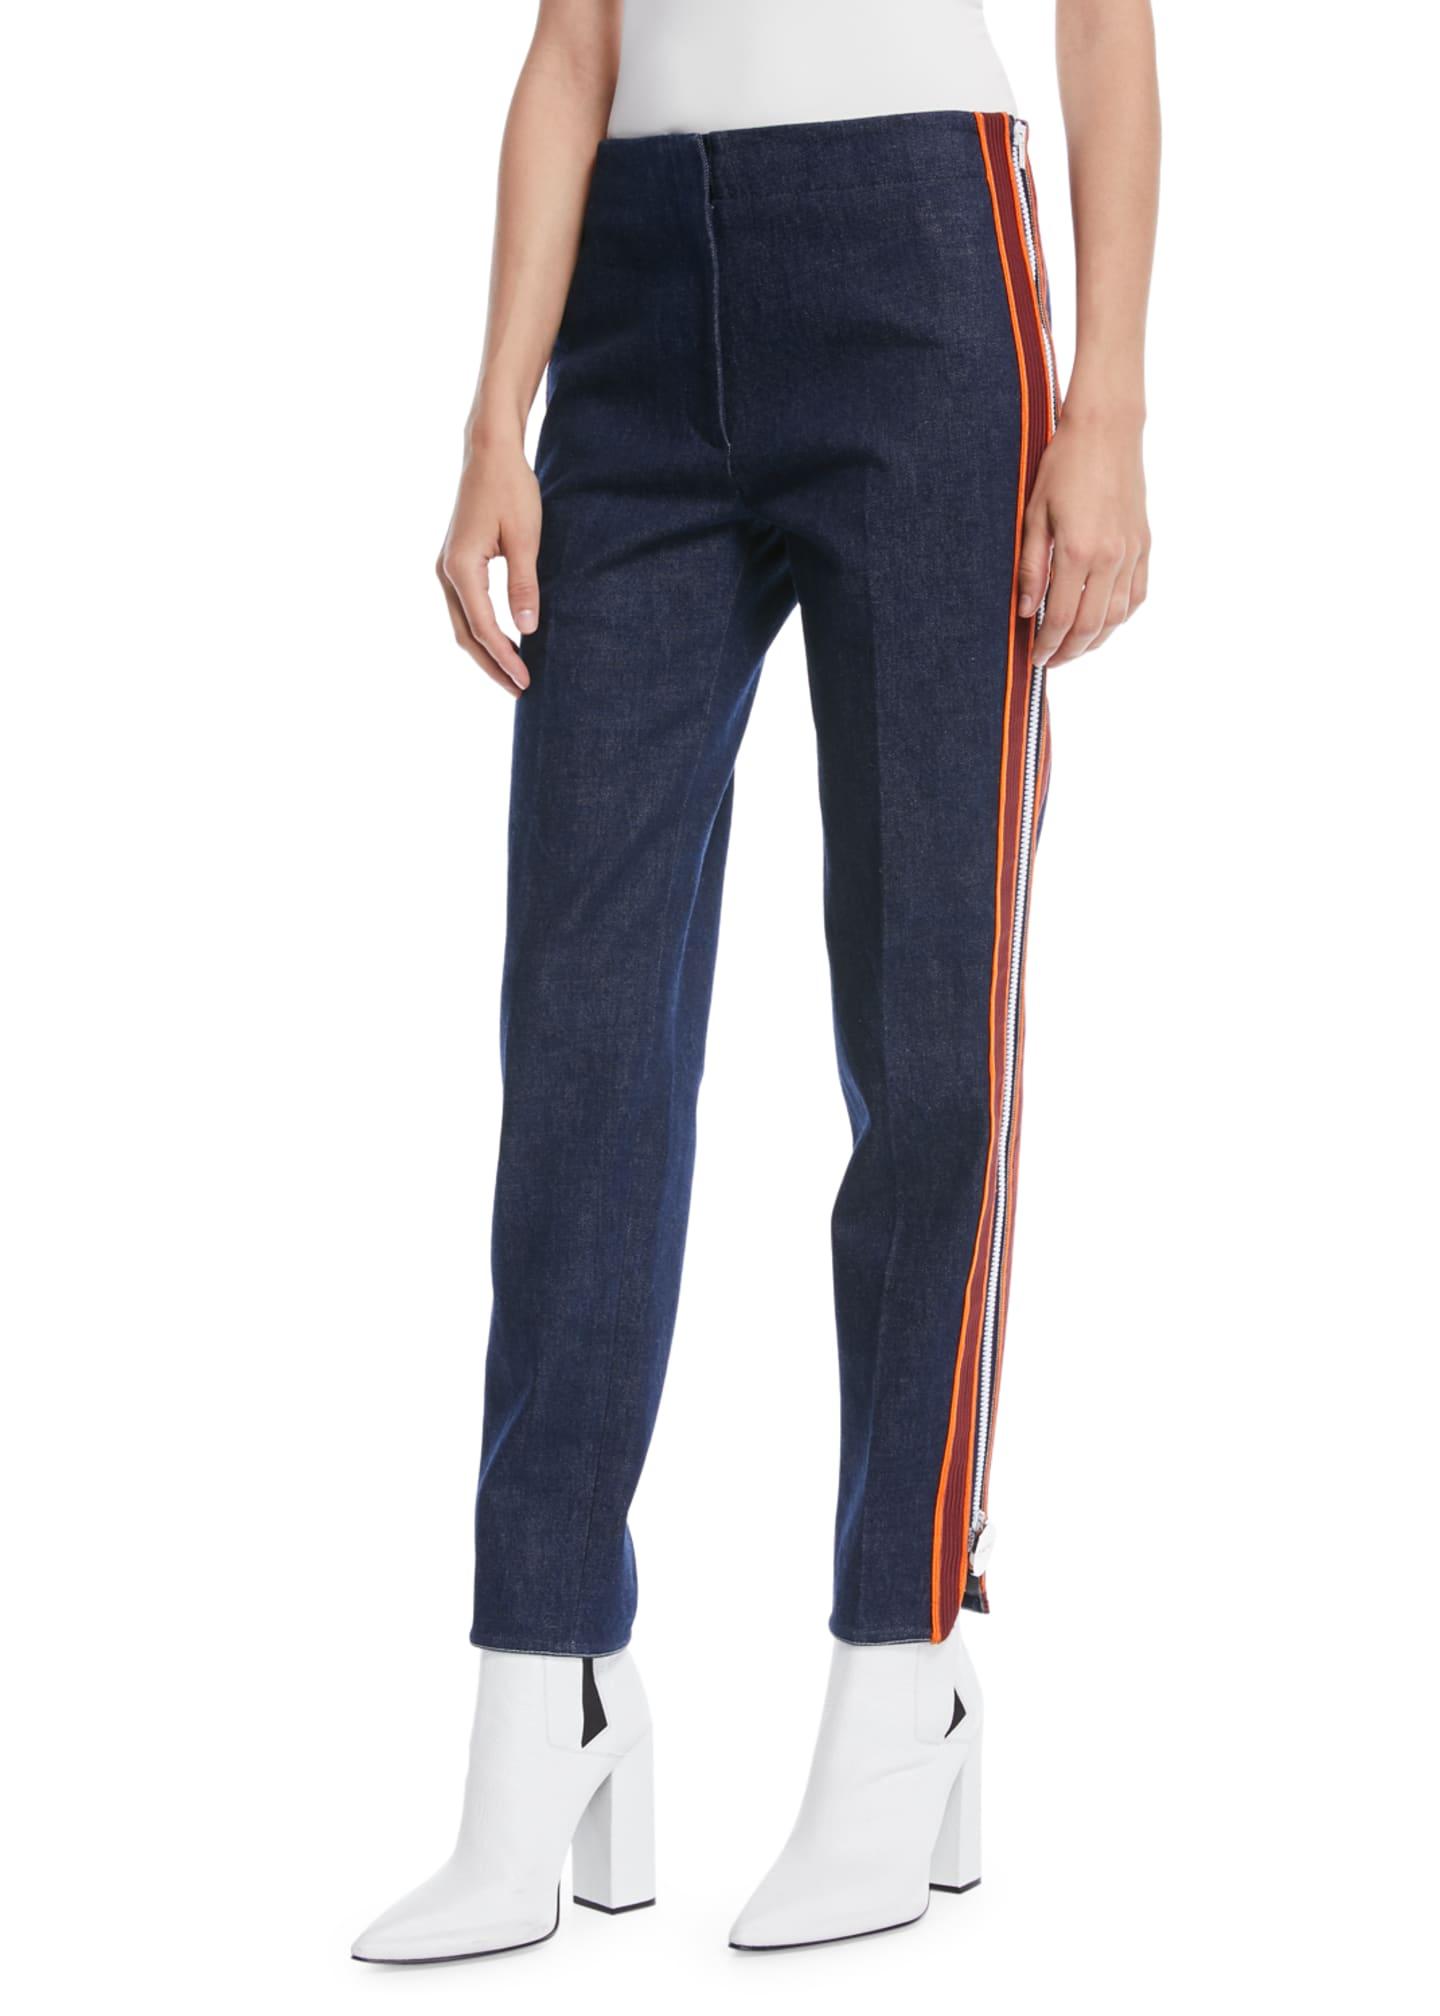 CALVIN KLEIN 205W39NYC Side Stripe Zipper Skinny Jeans